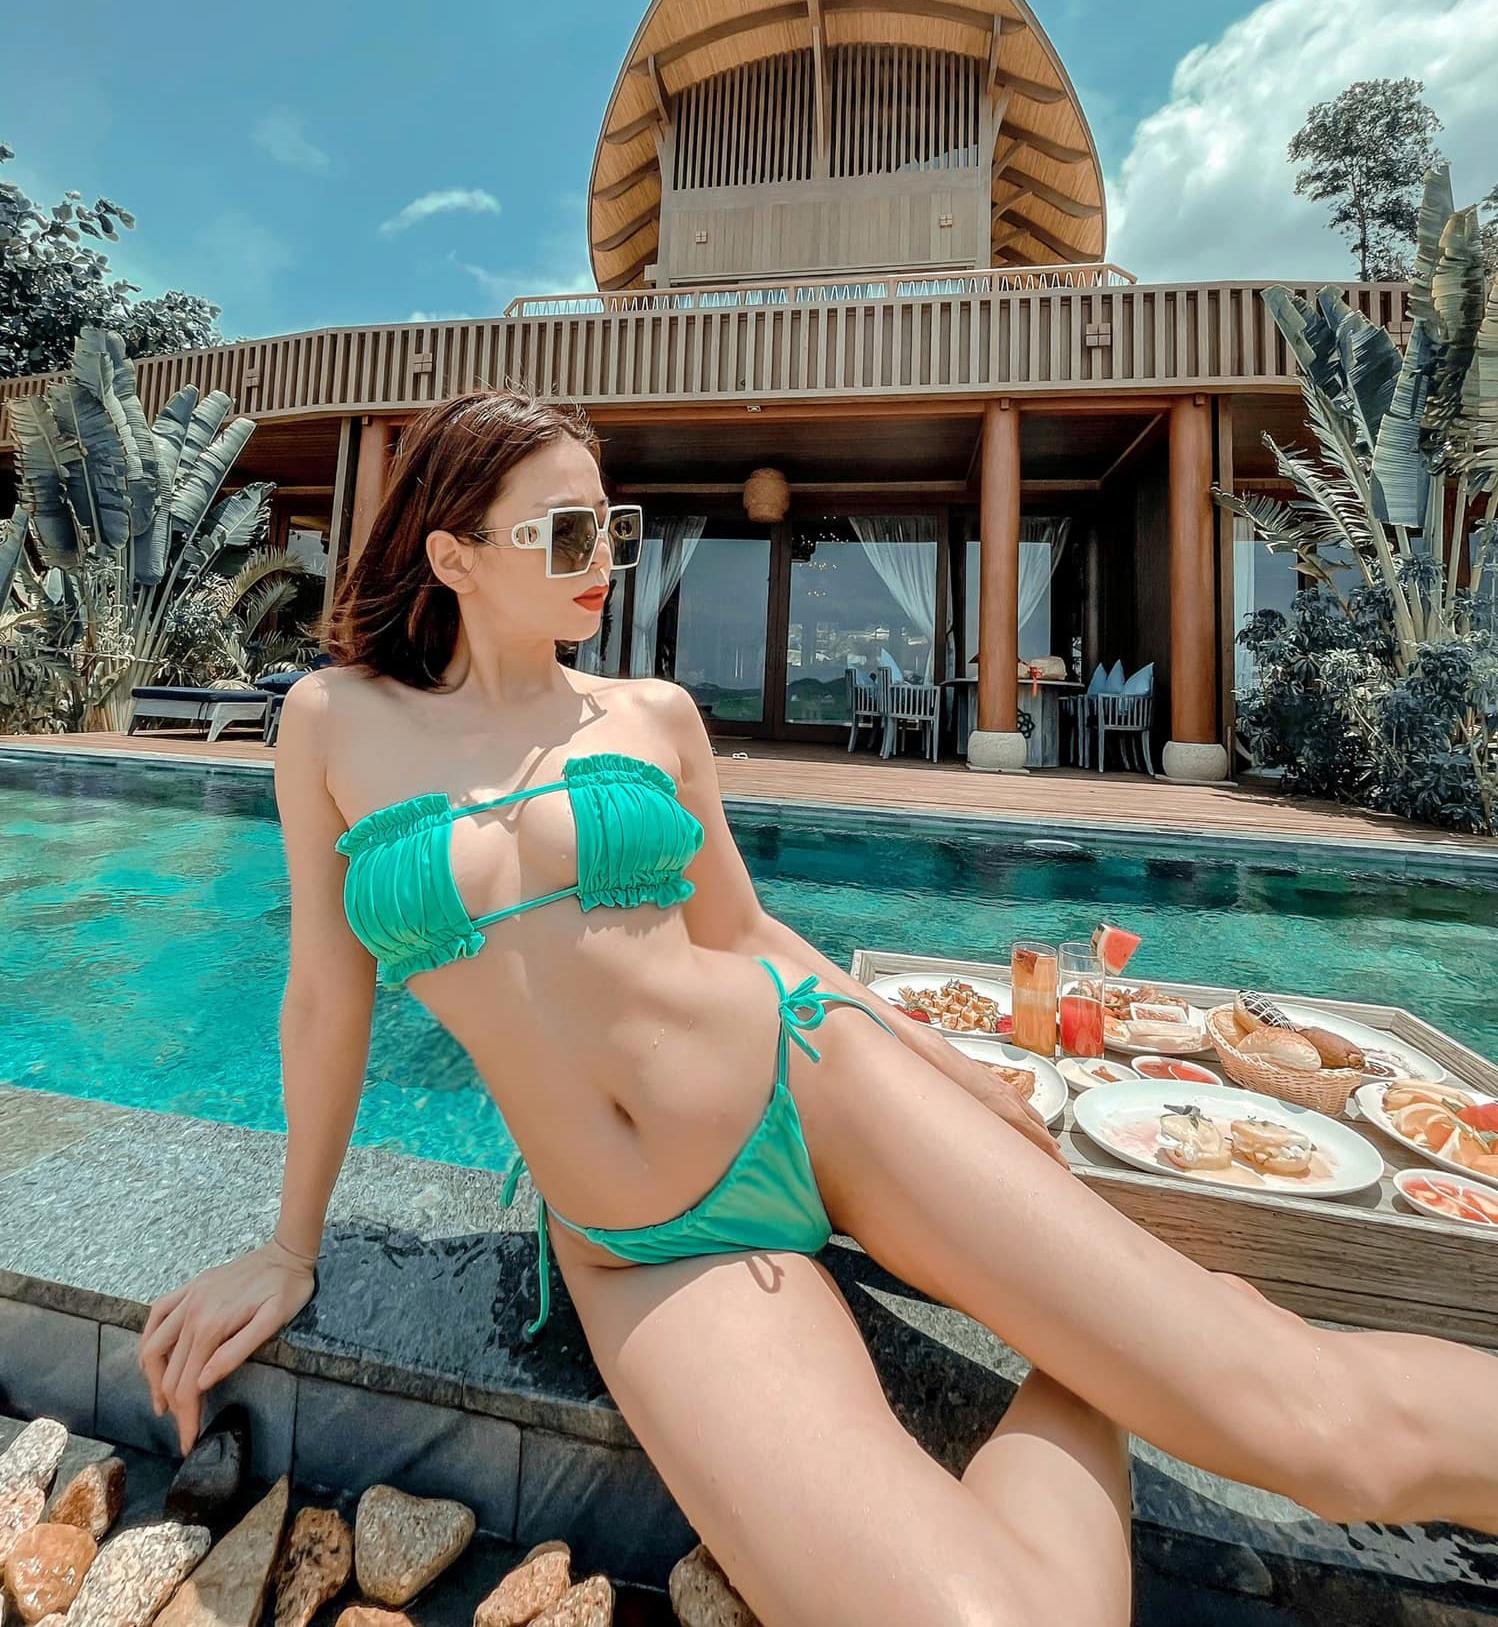 Ở tuổi 40, Lệ Quyên không hề thua chị kém em trong việc khoe vóc dáng. Nữ hoàng phòng trà chiếm spotlight trong kỳ nghỉ lễ khi diện bikini tí hon tôn body căng tràn sức sống.